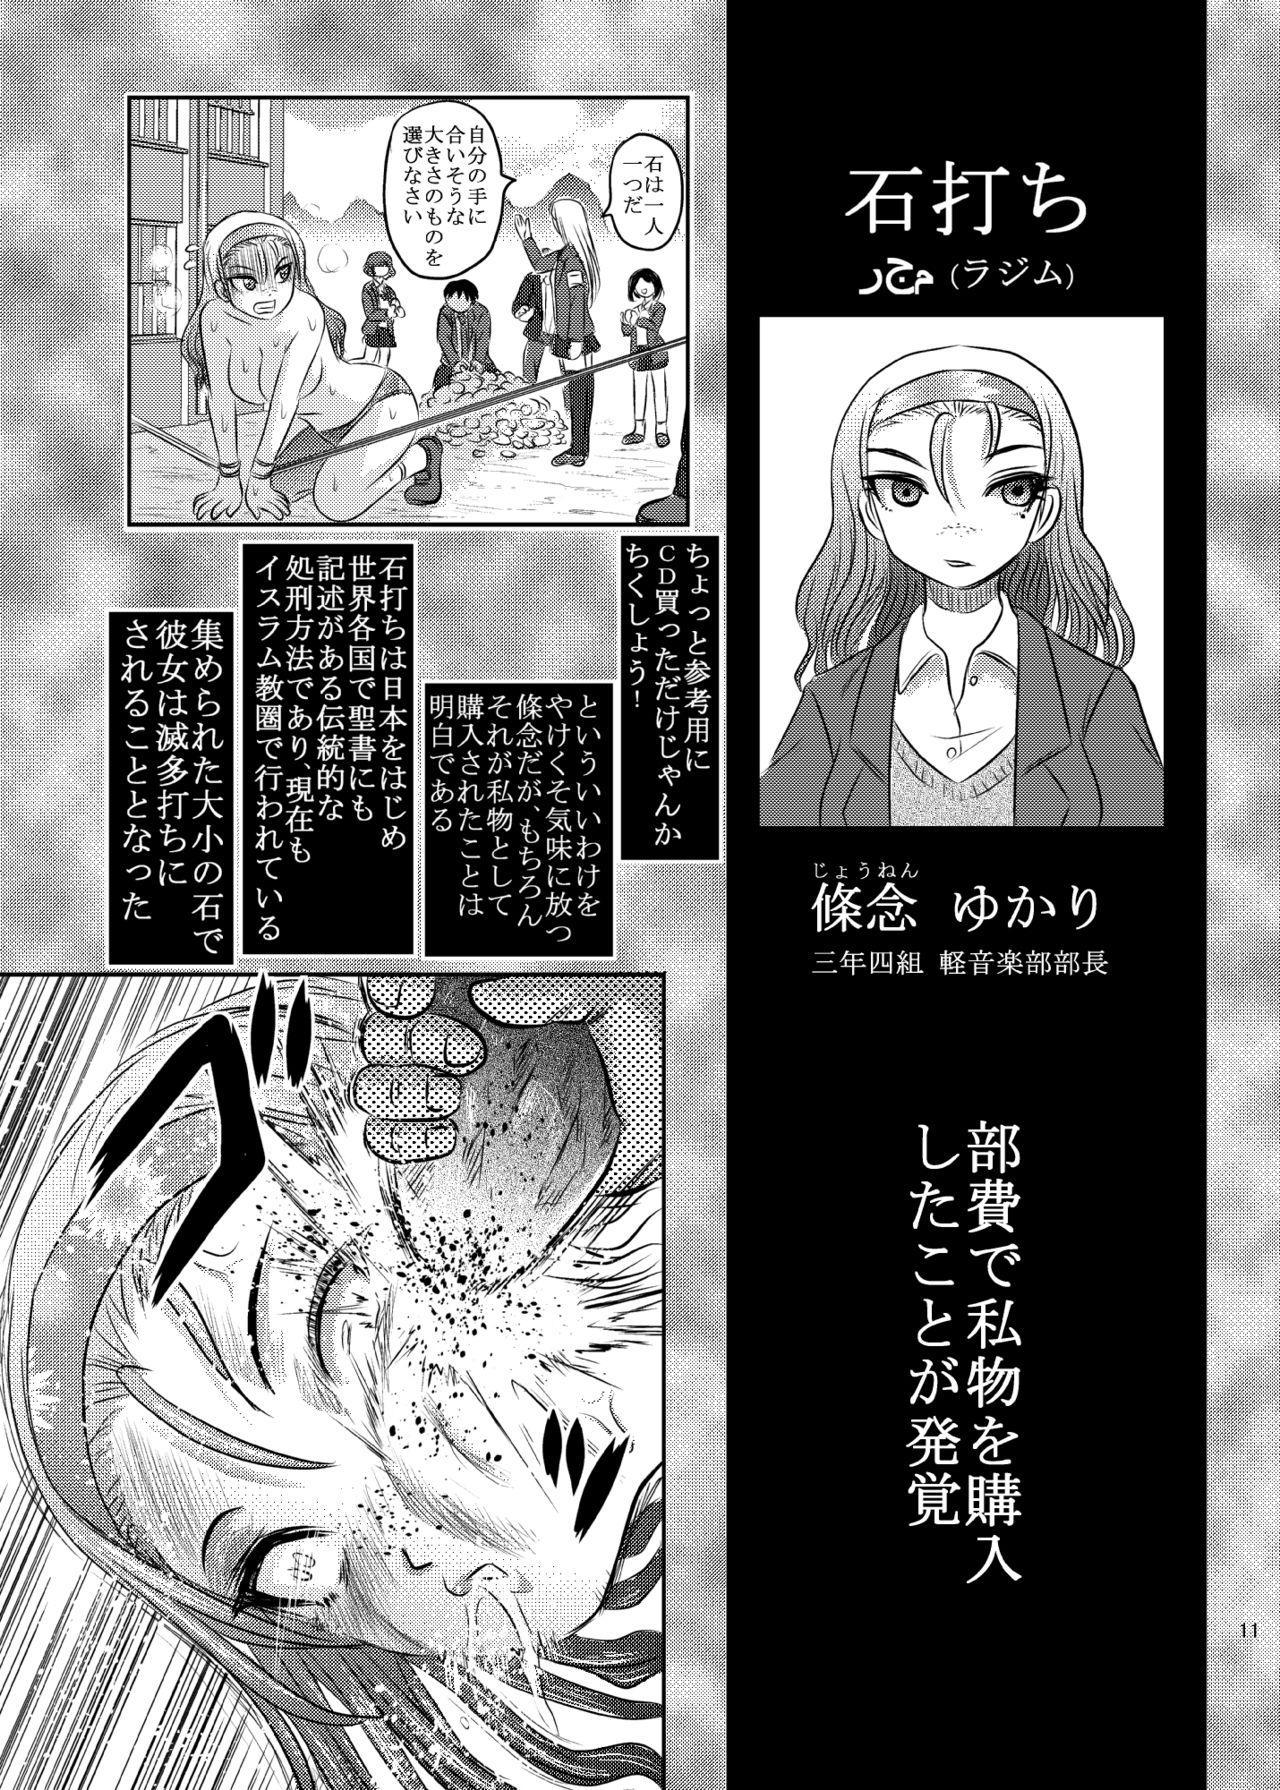 [Uzigaya (Uziga Waita)] Dokudoku vol. 16 Shi-kei Shi-kkou [Digital] 9